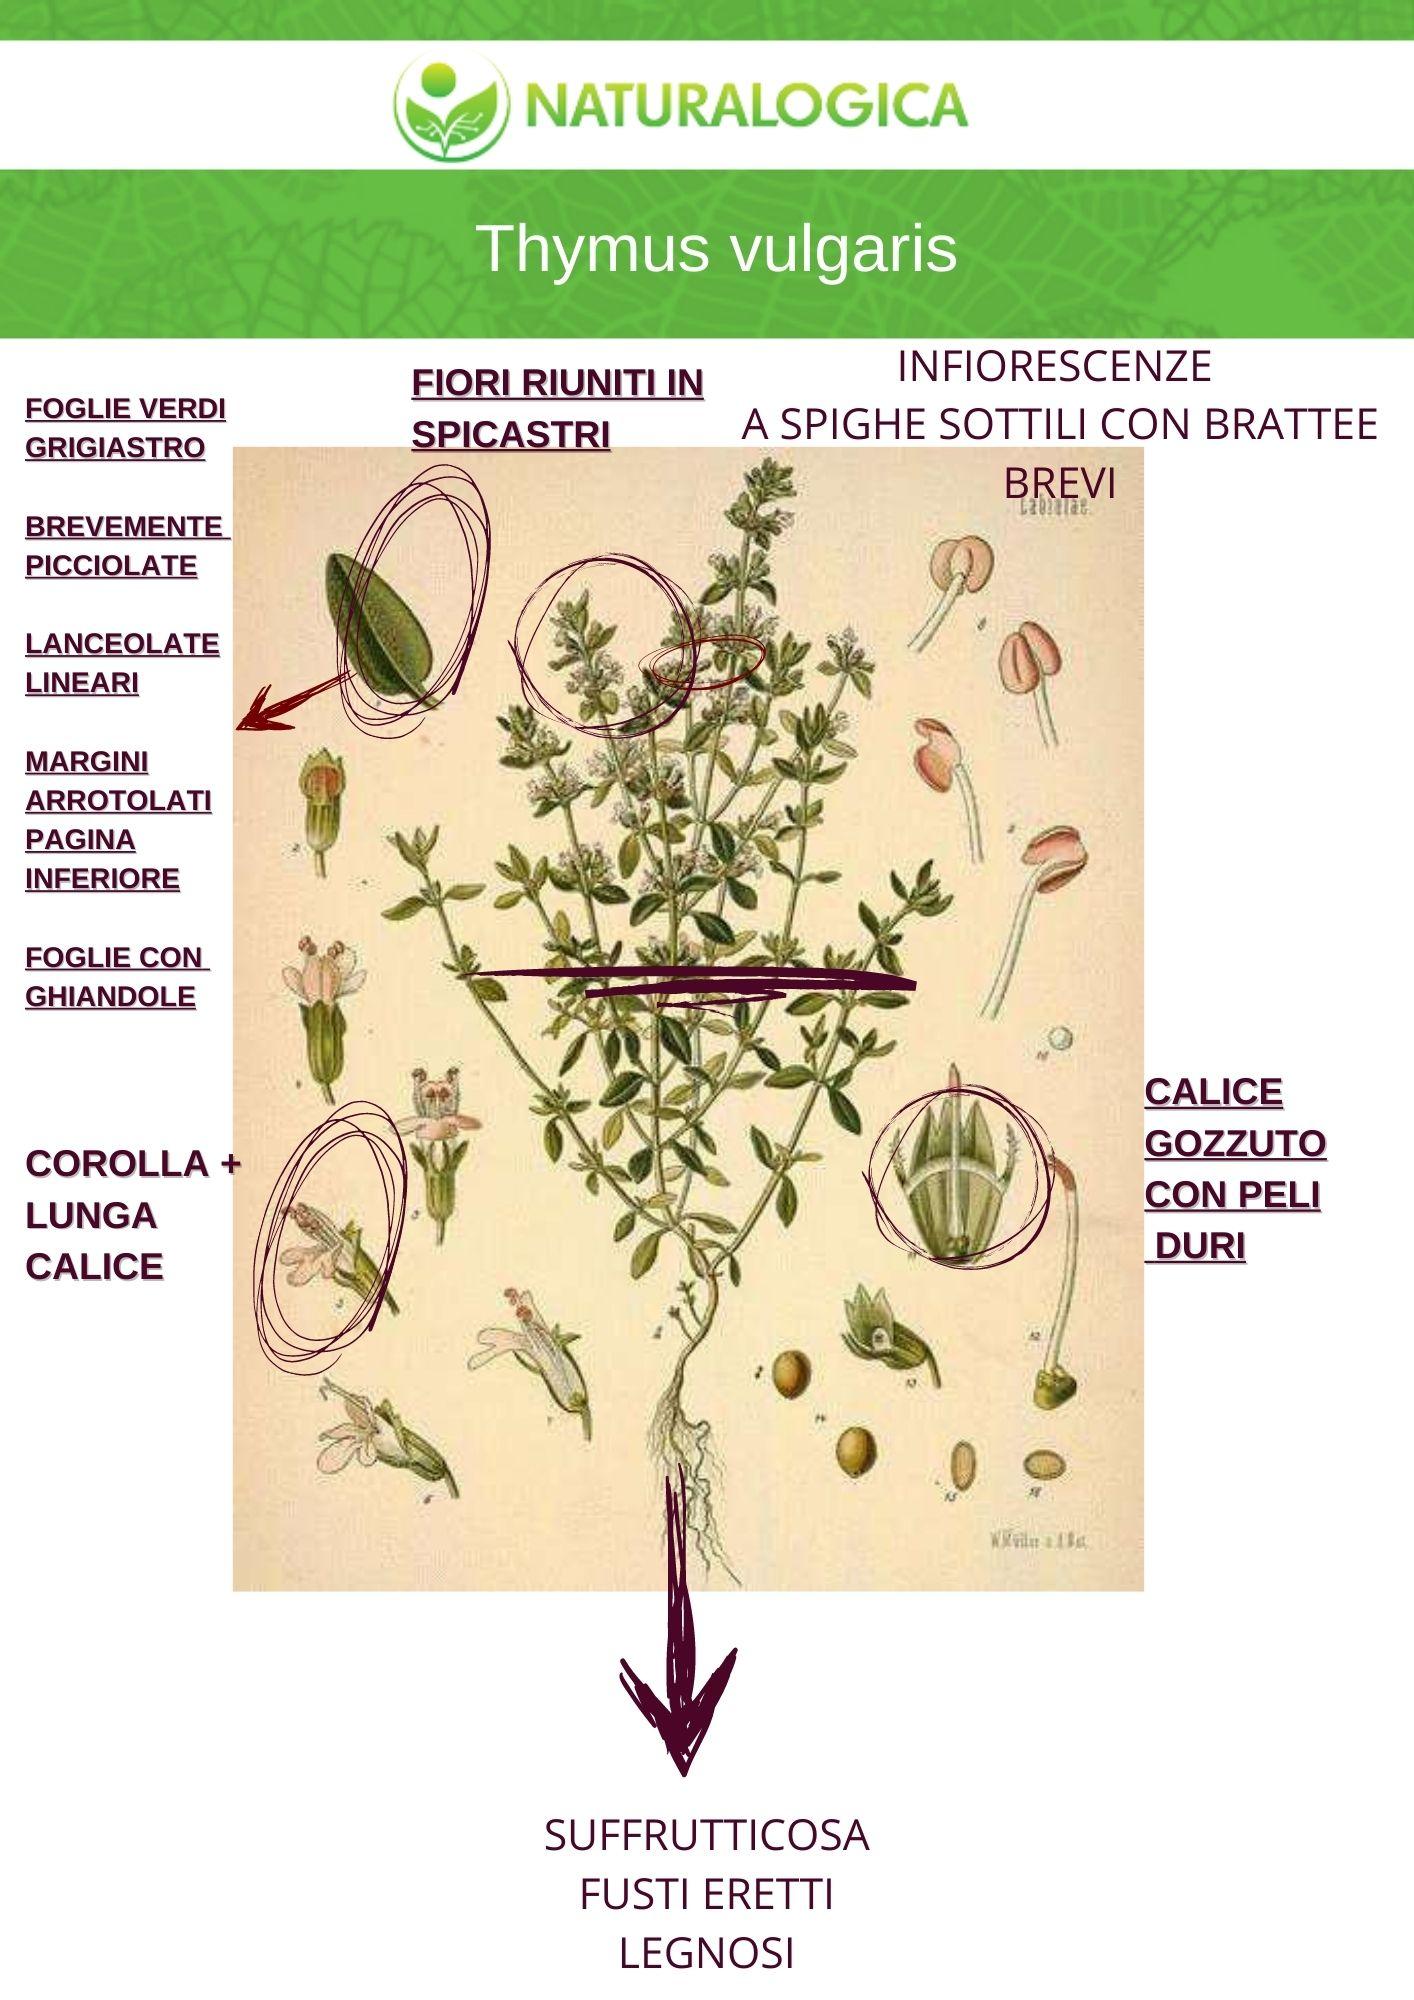 Timo proprietà del Thymus vulgaris botanica